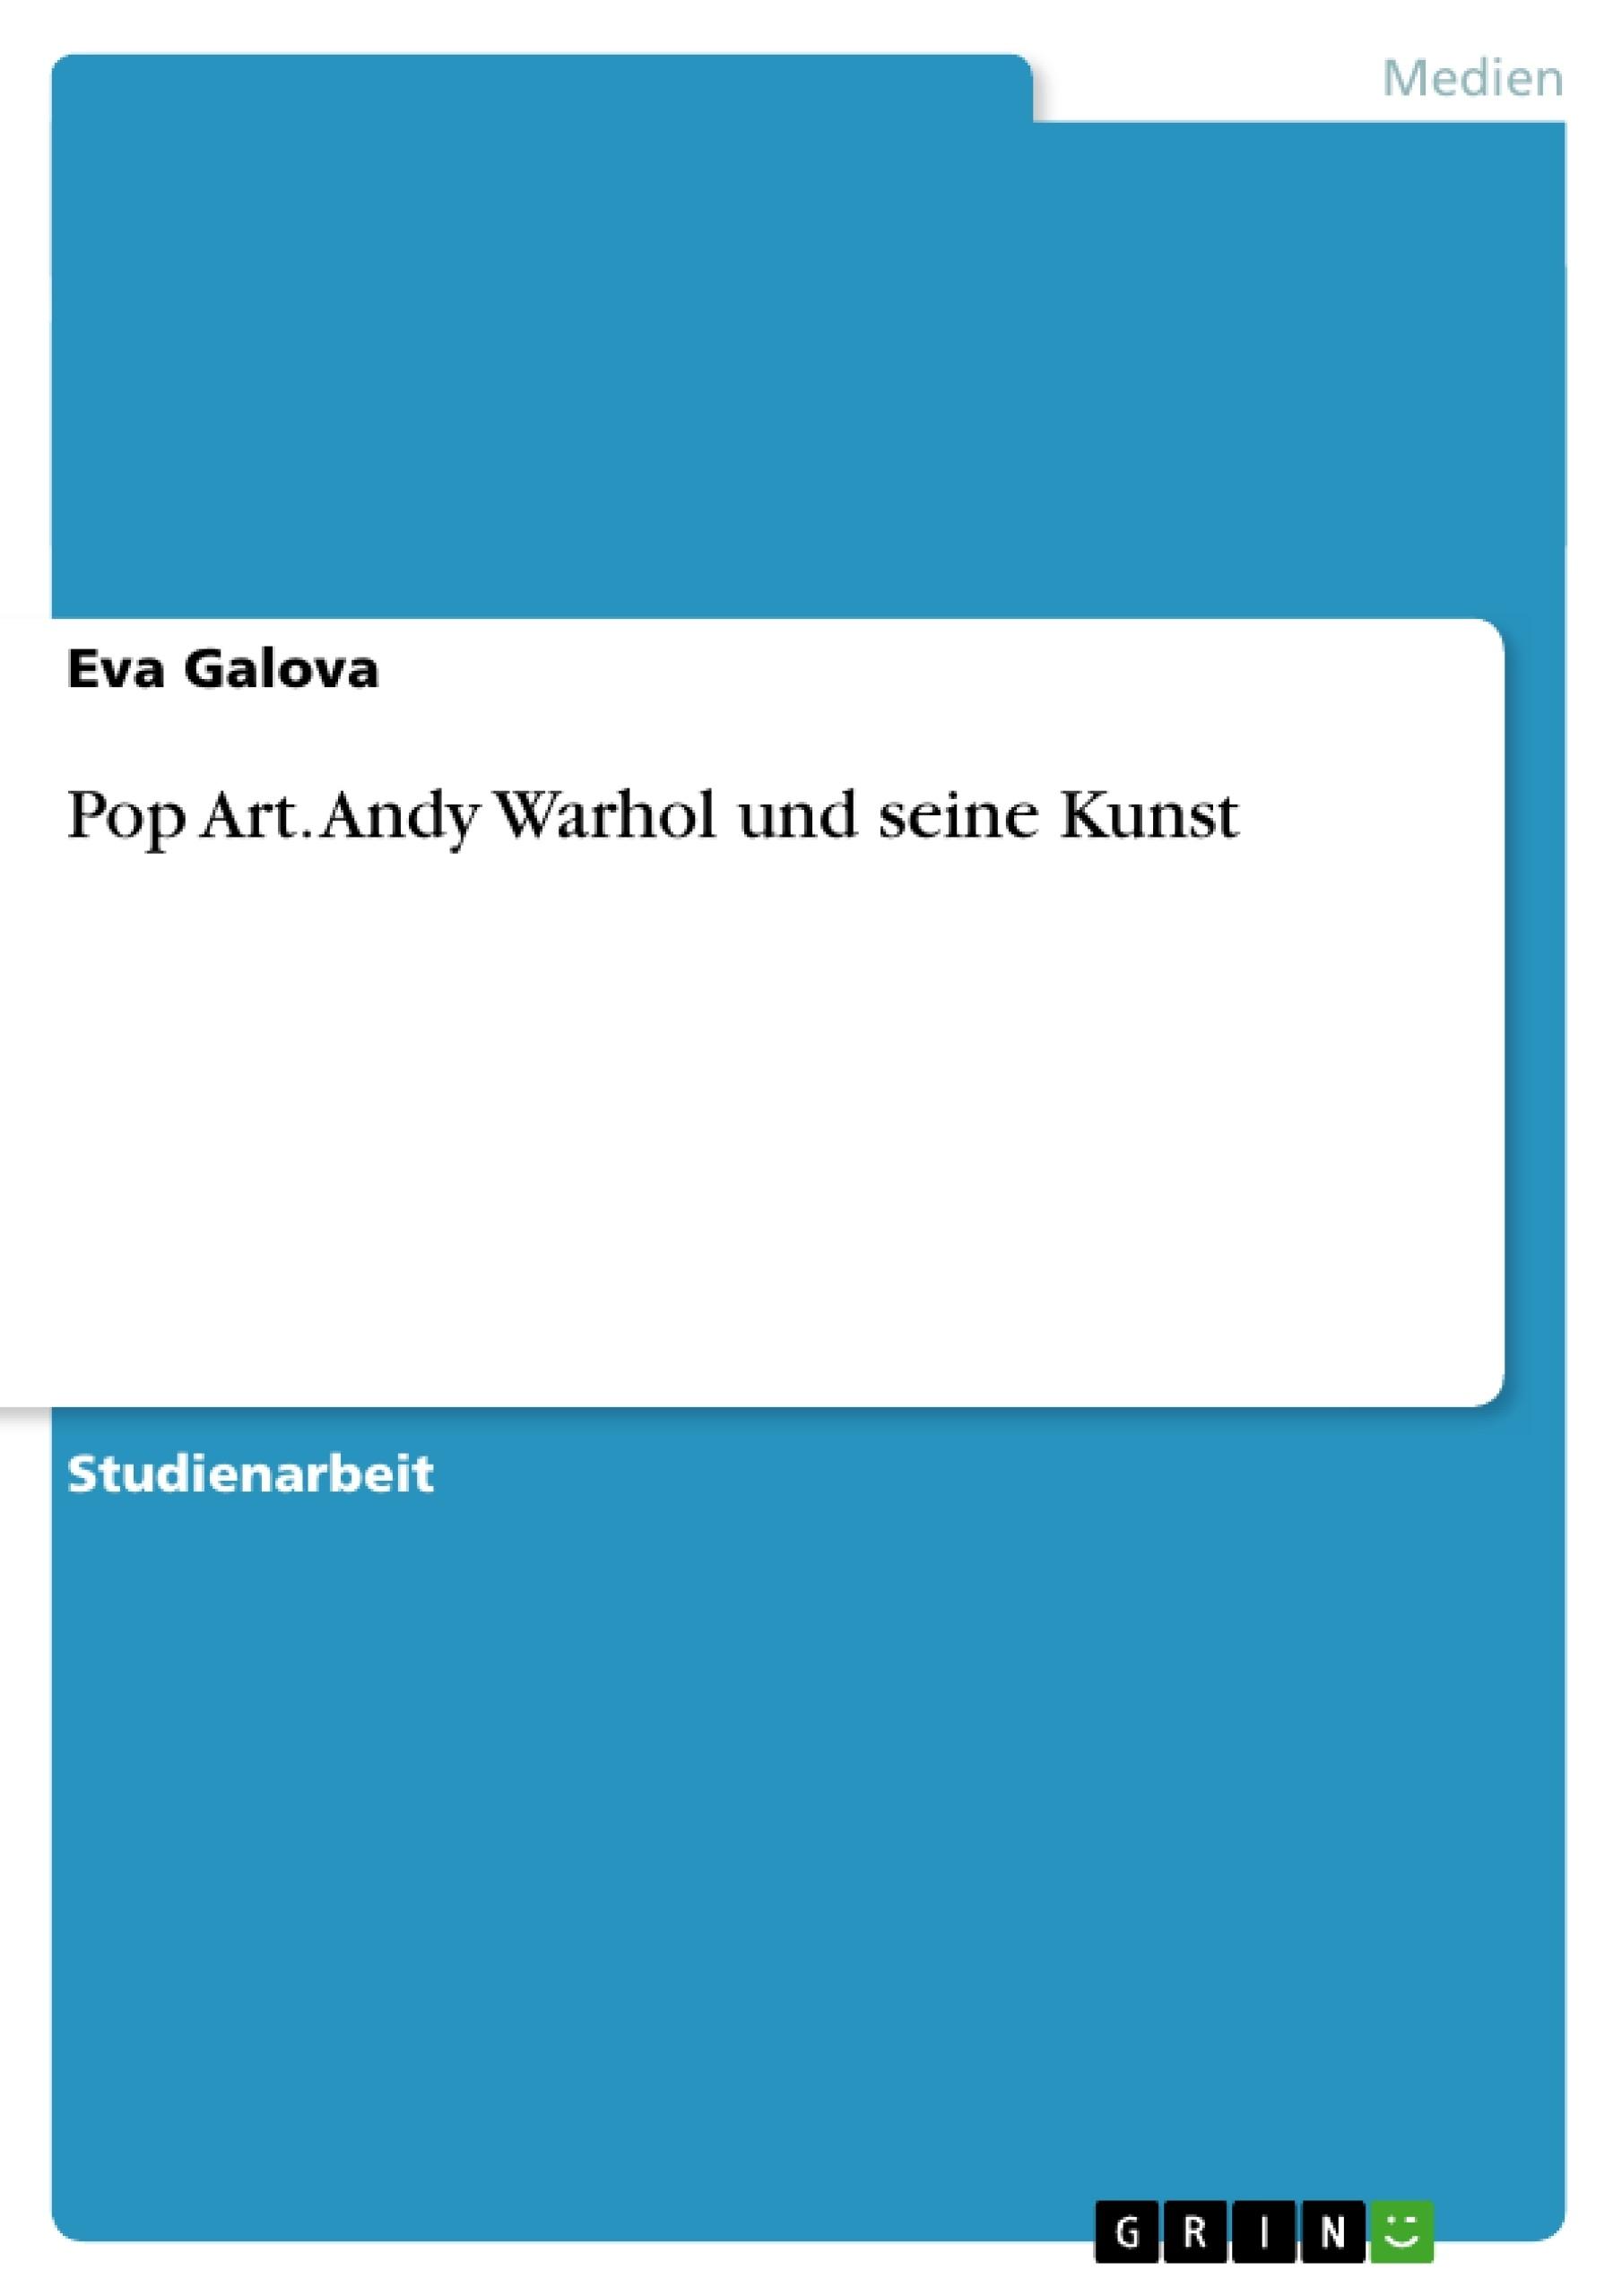 Titel: Pop Art. Andy Warhol und seine Kunst